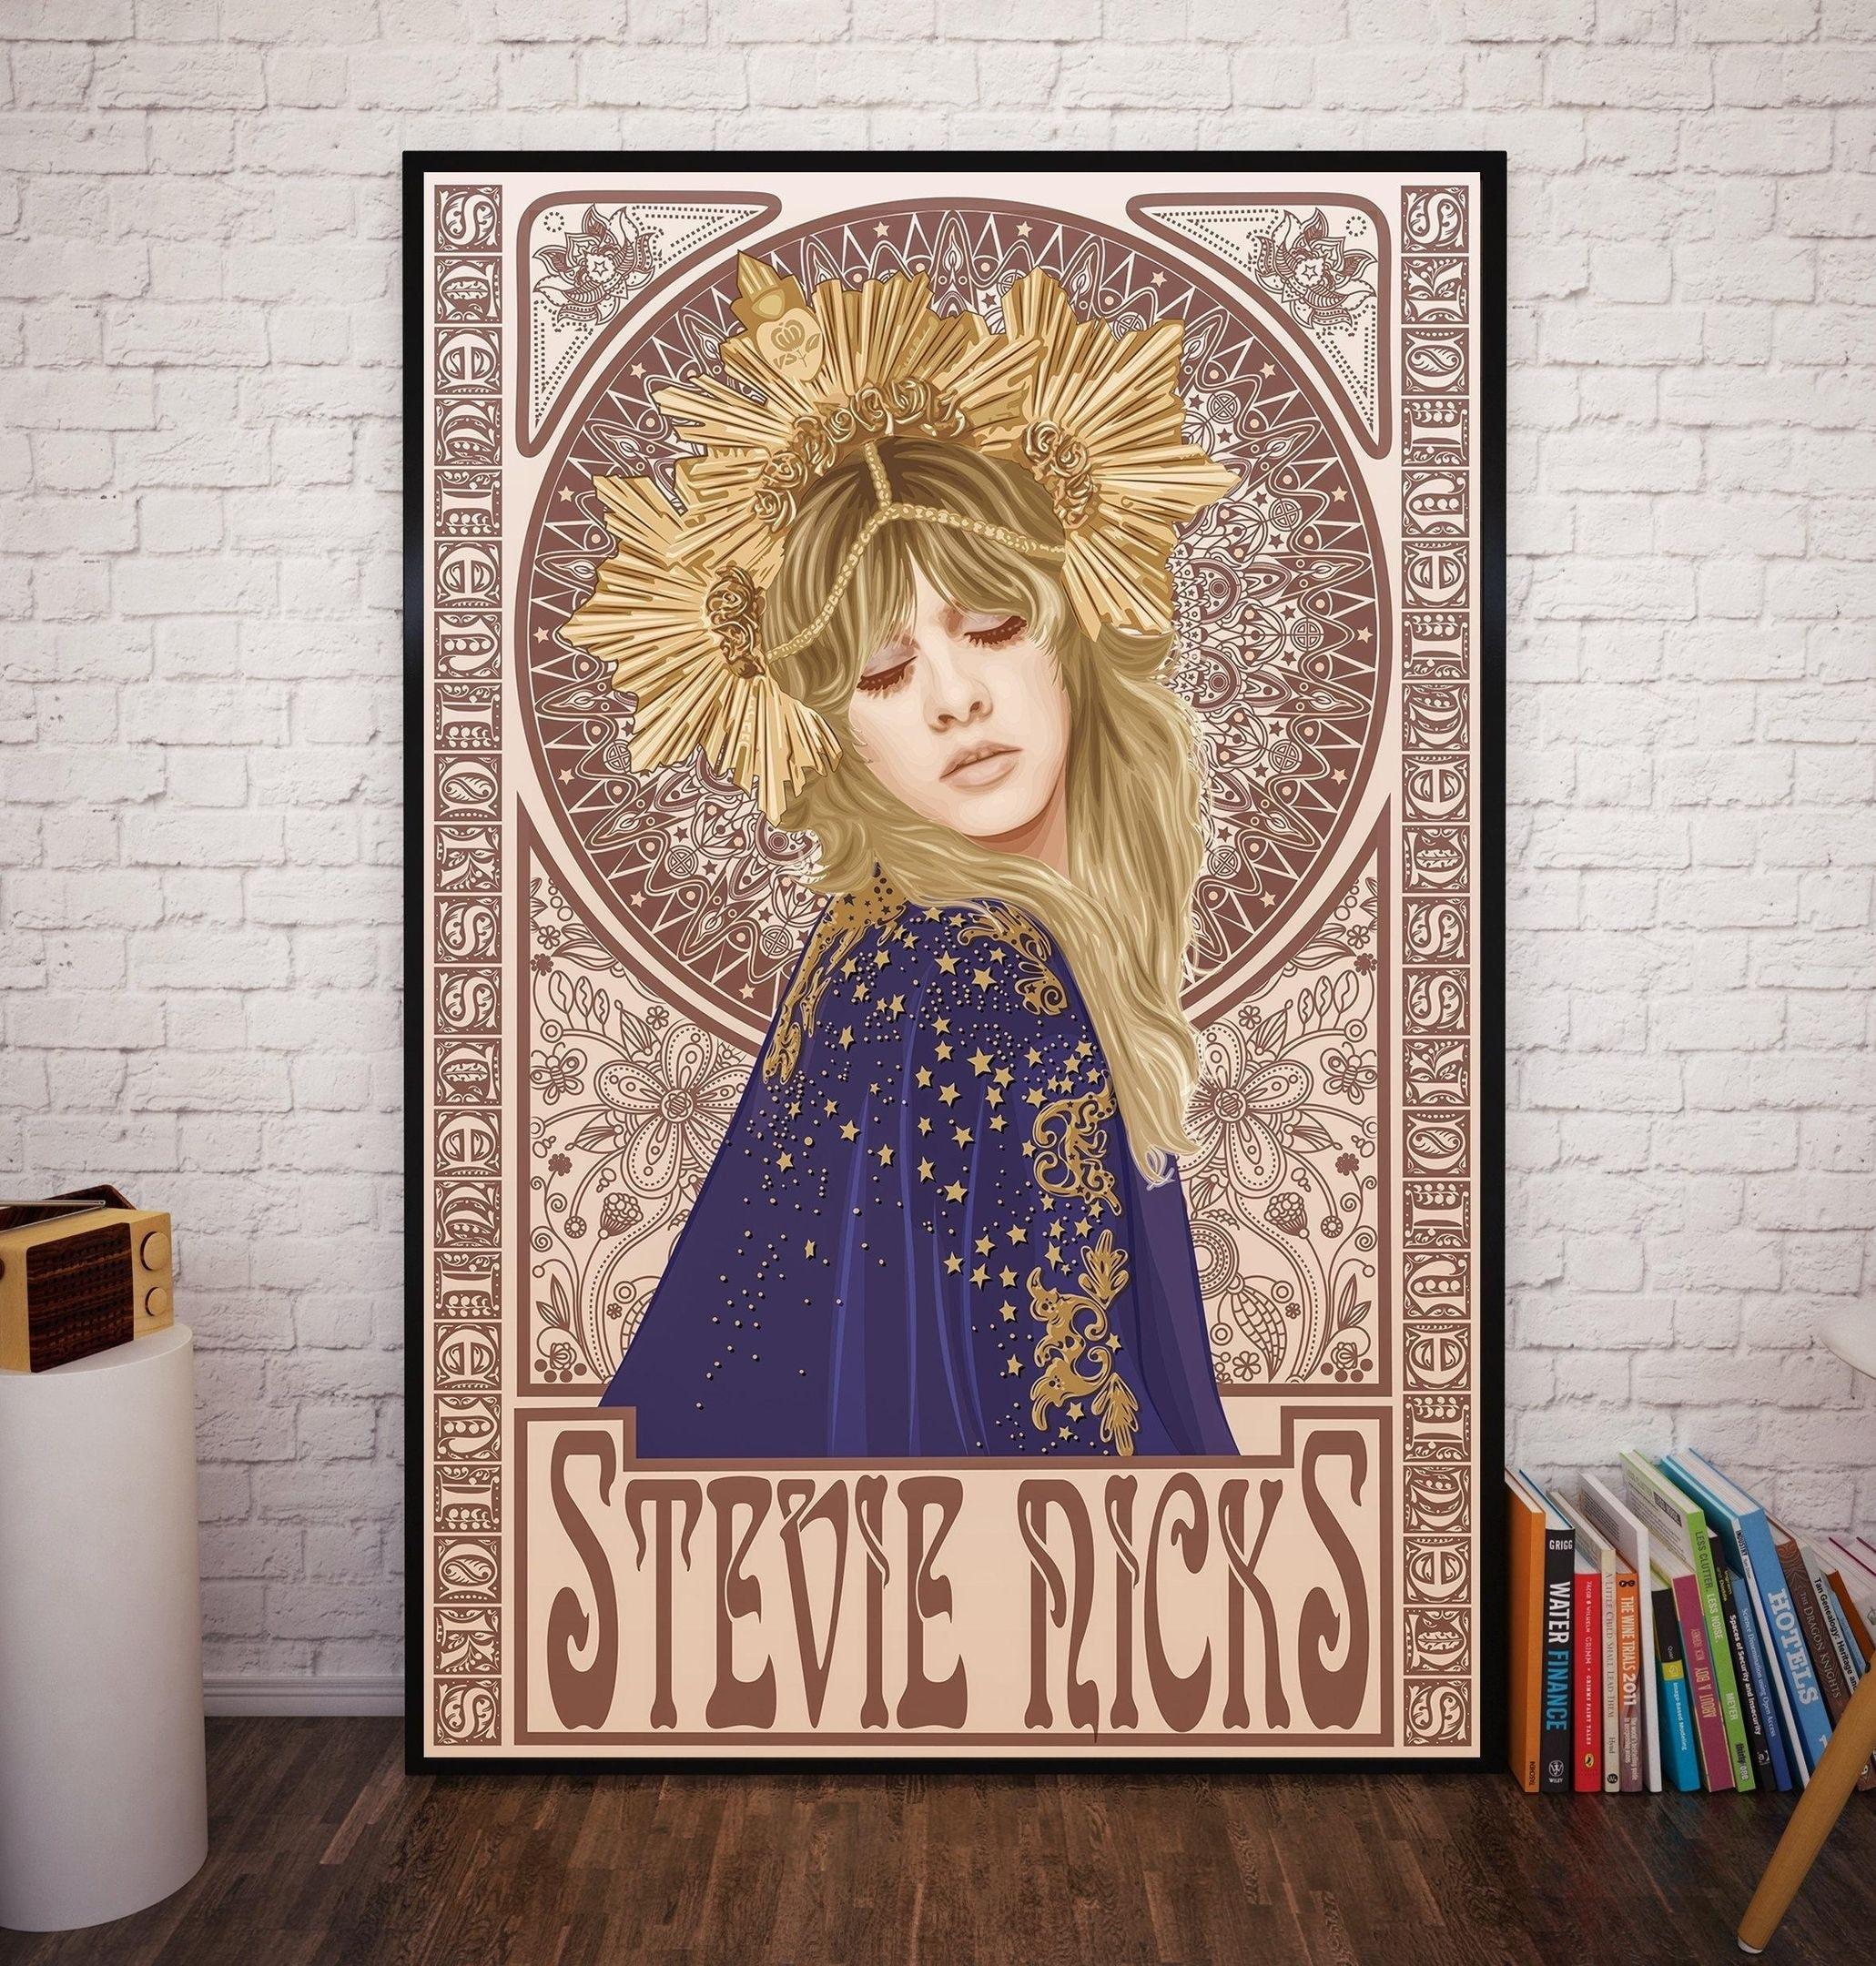 Steve Nicks Mucha – affiche en soie, peinture décorative, 24x36 pouces